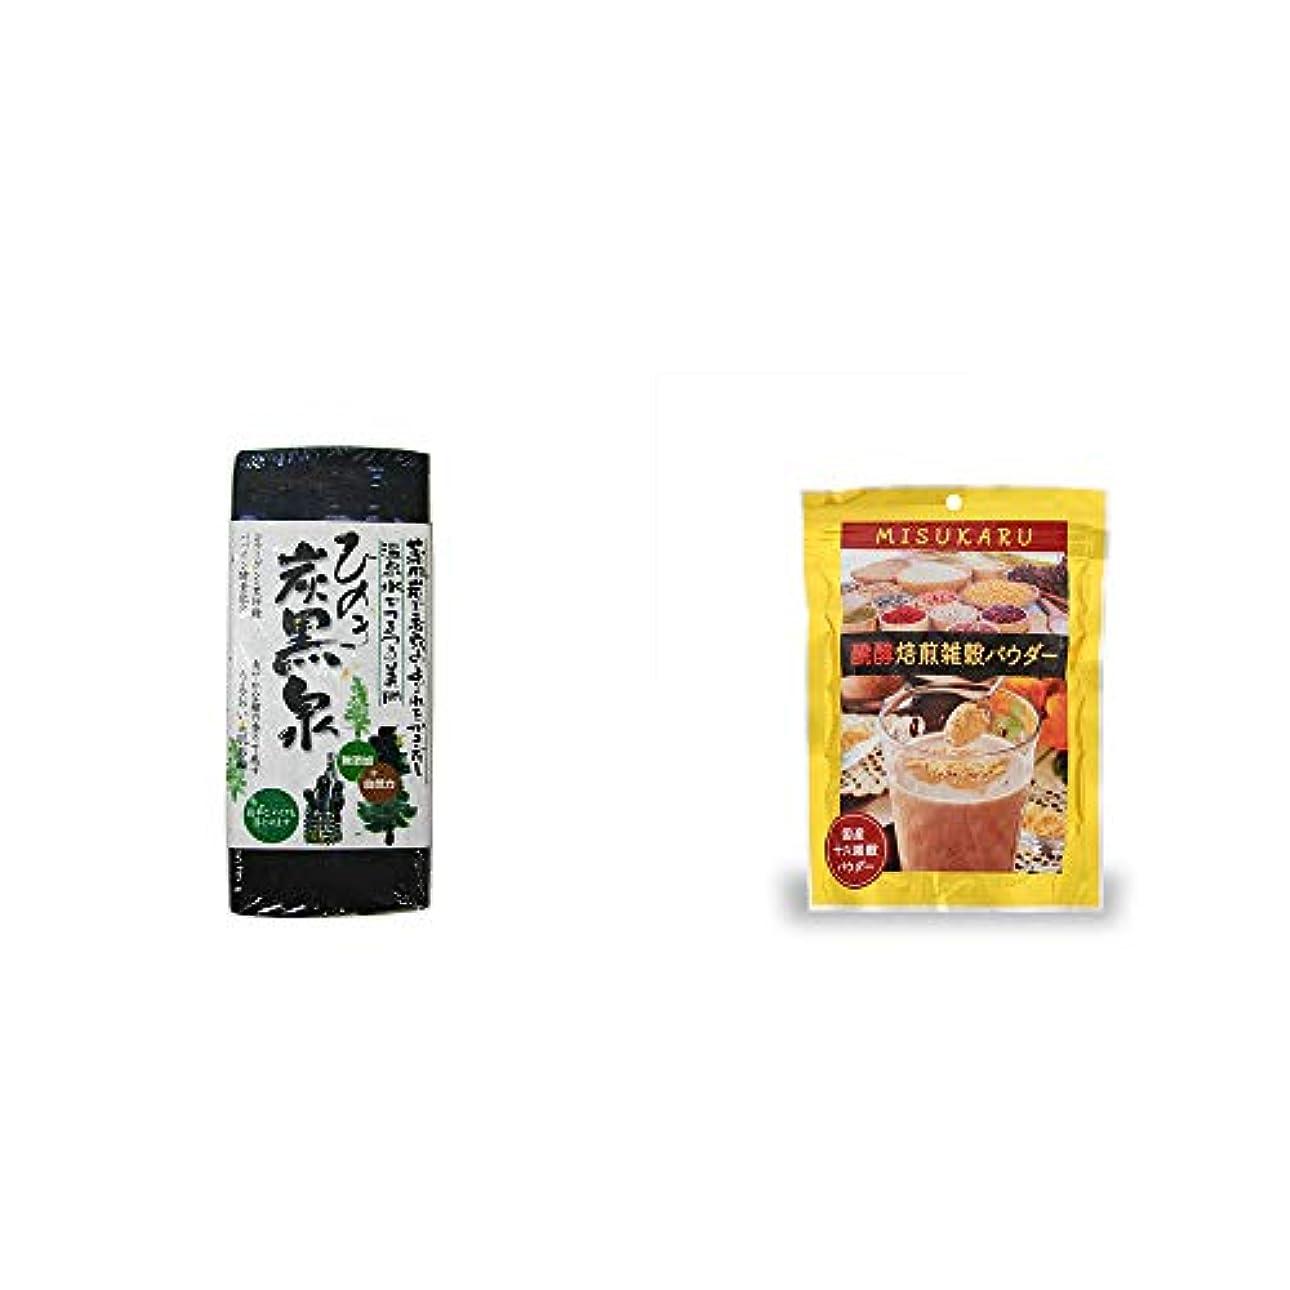 土曜日行宣言[2点セット] ひのき炭黒泉(75g×2)?醗酵焙煎雑穀パウダー MISUKARU(ミスカル)(200g)